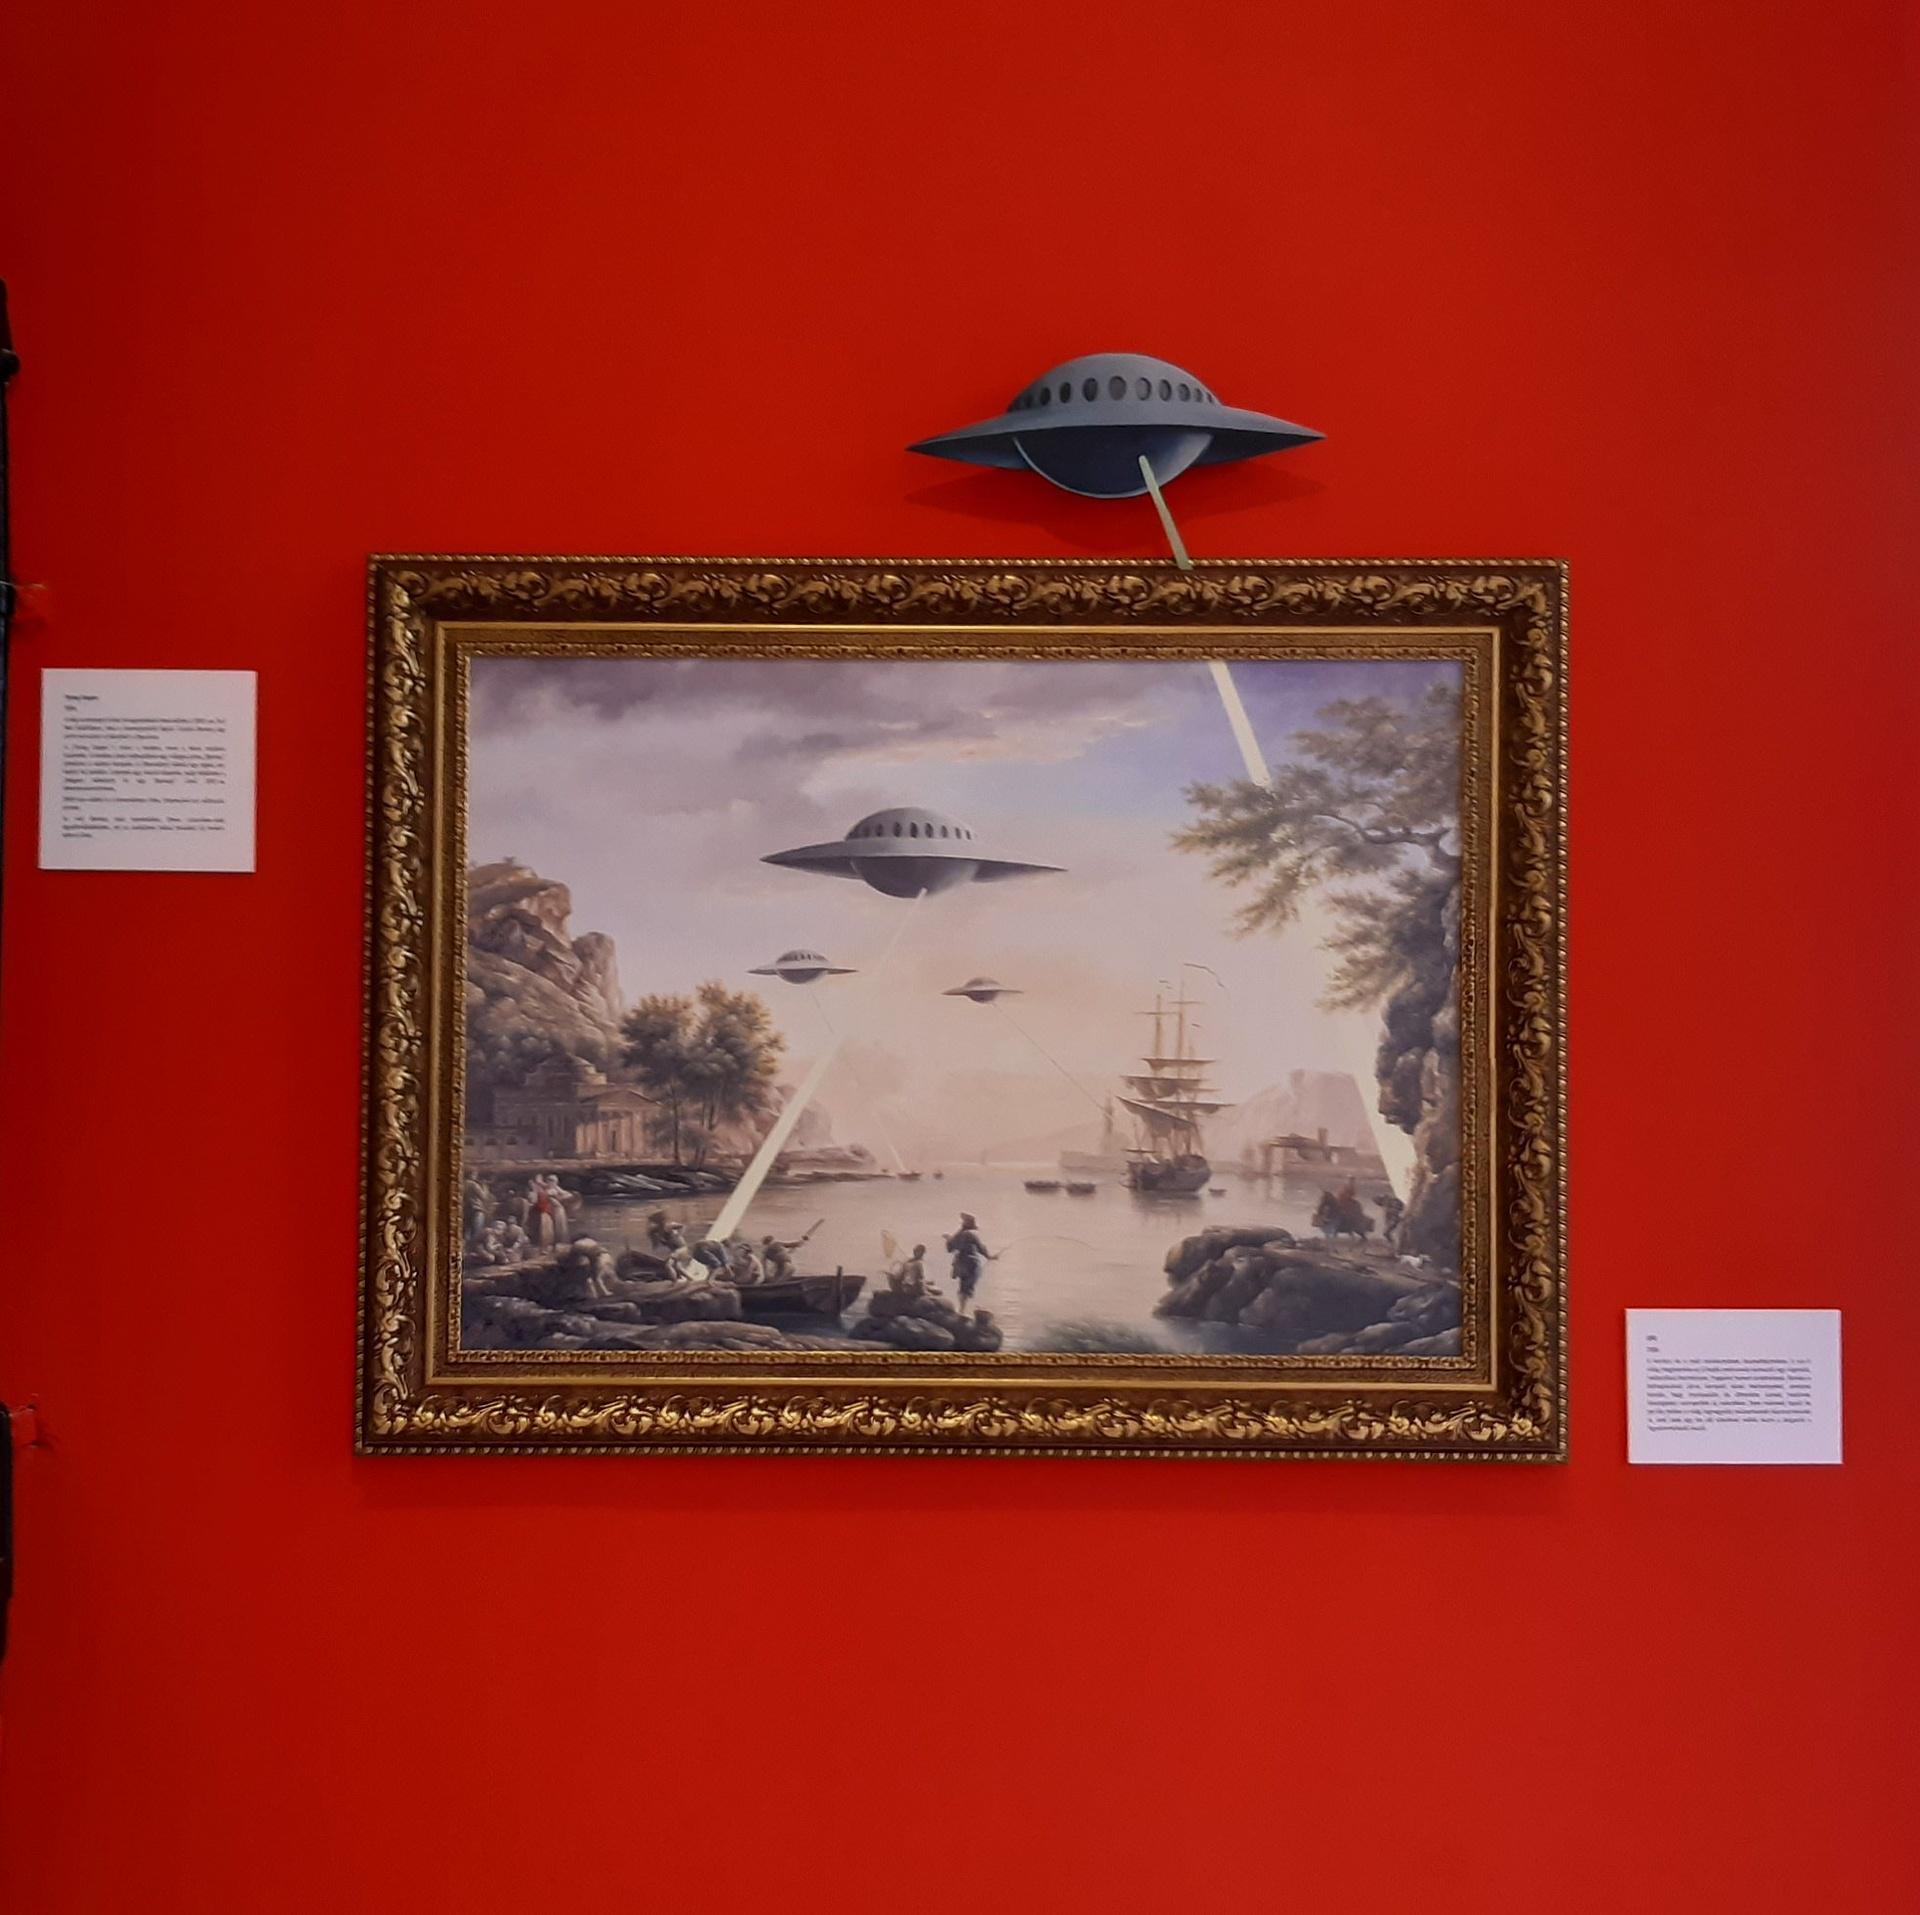 Eredeti művek – hamis kiállítás?